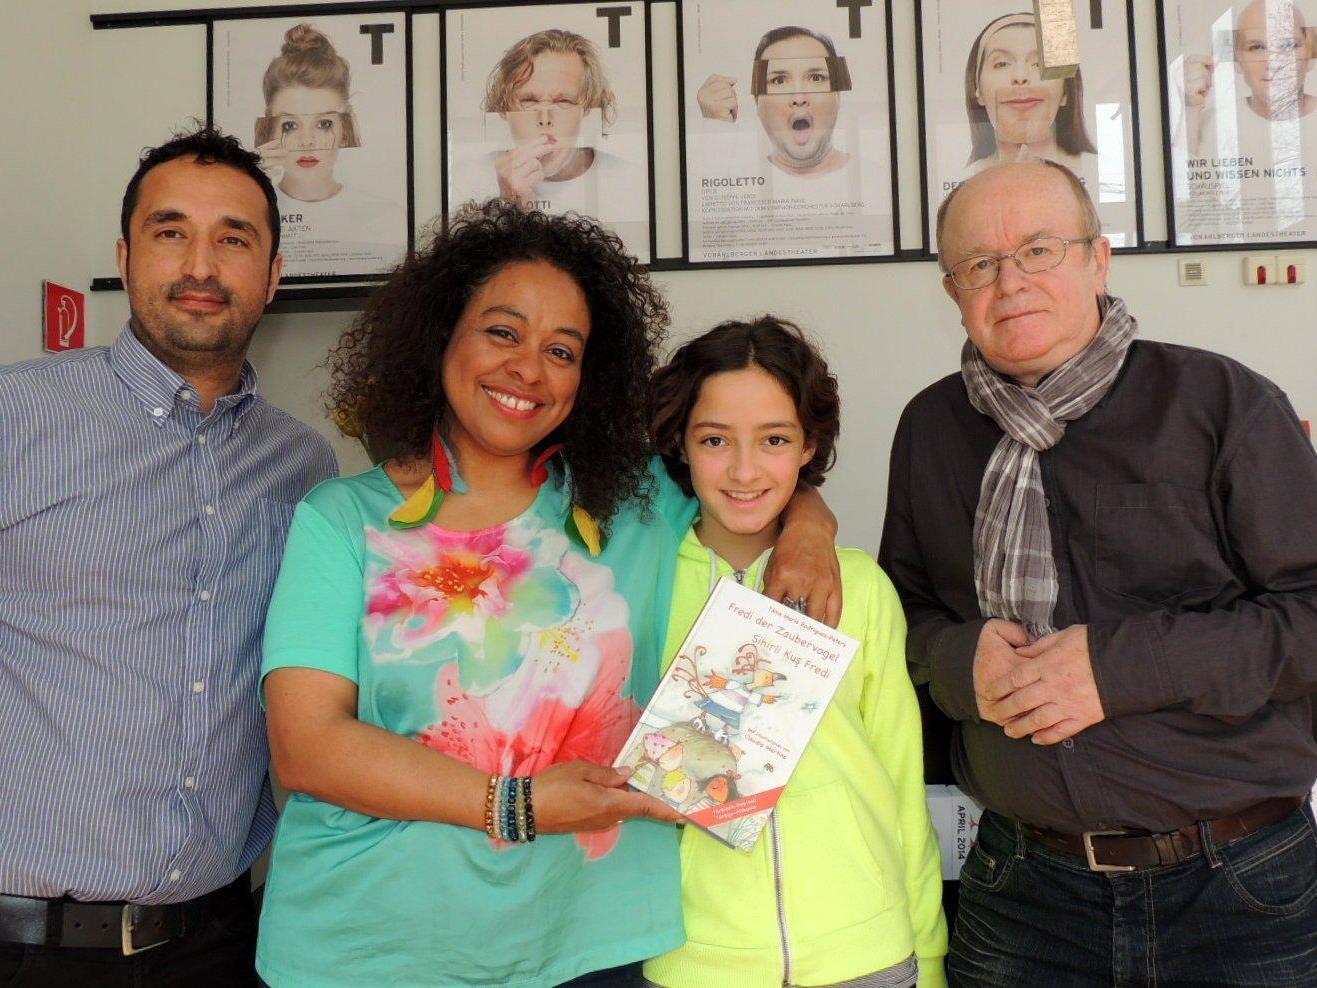 Dr. Hüseyin I. Cicek, Autorin Tania Maria Rodrigues-Peters mit Tochter Luana und Schauspieler Mario Plaz